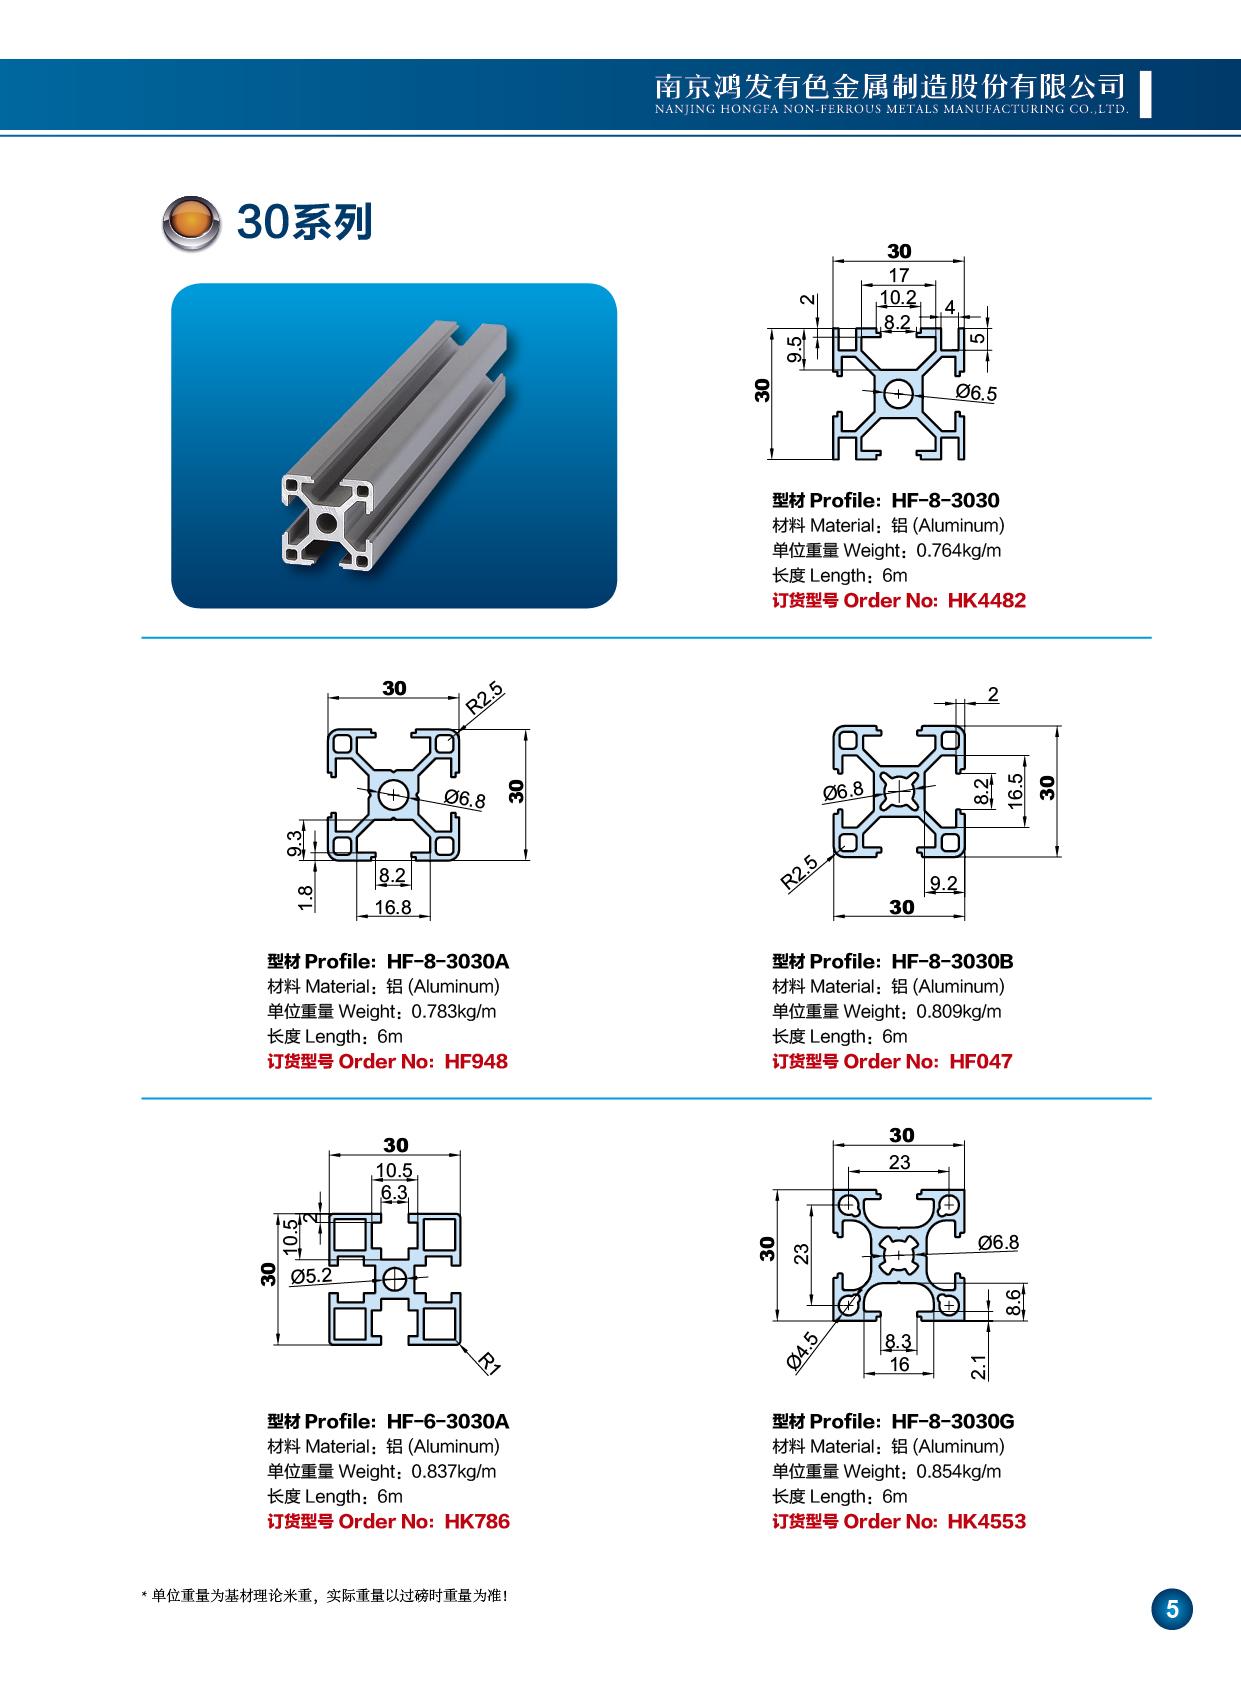 30系列工业铝型材1